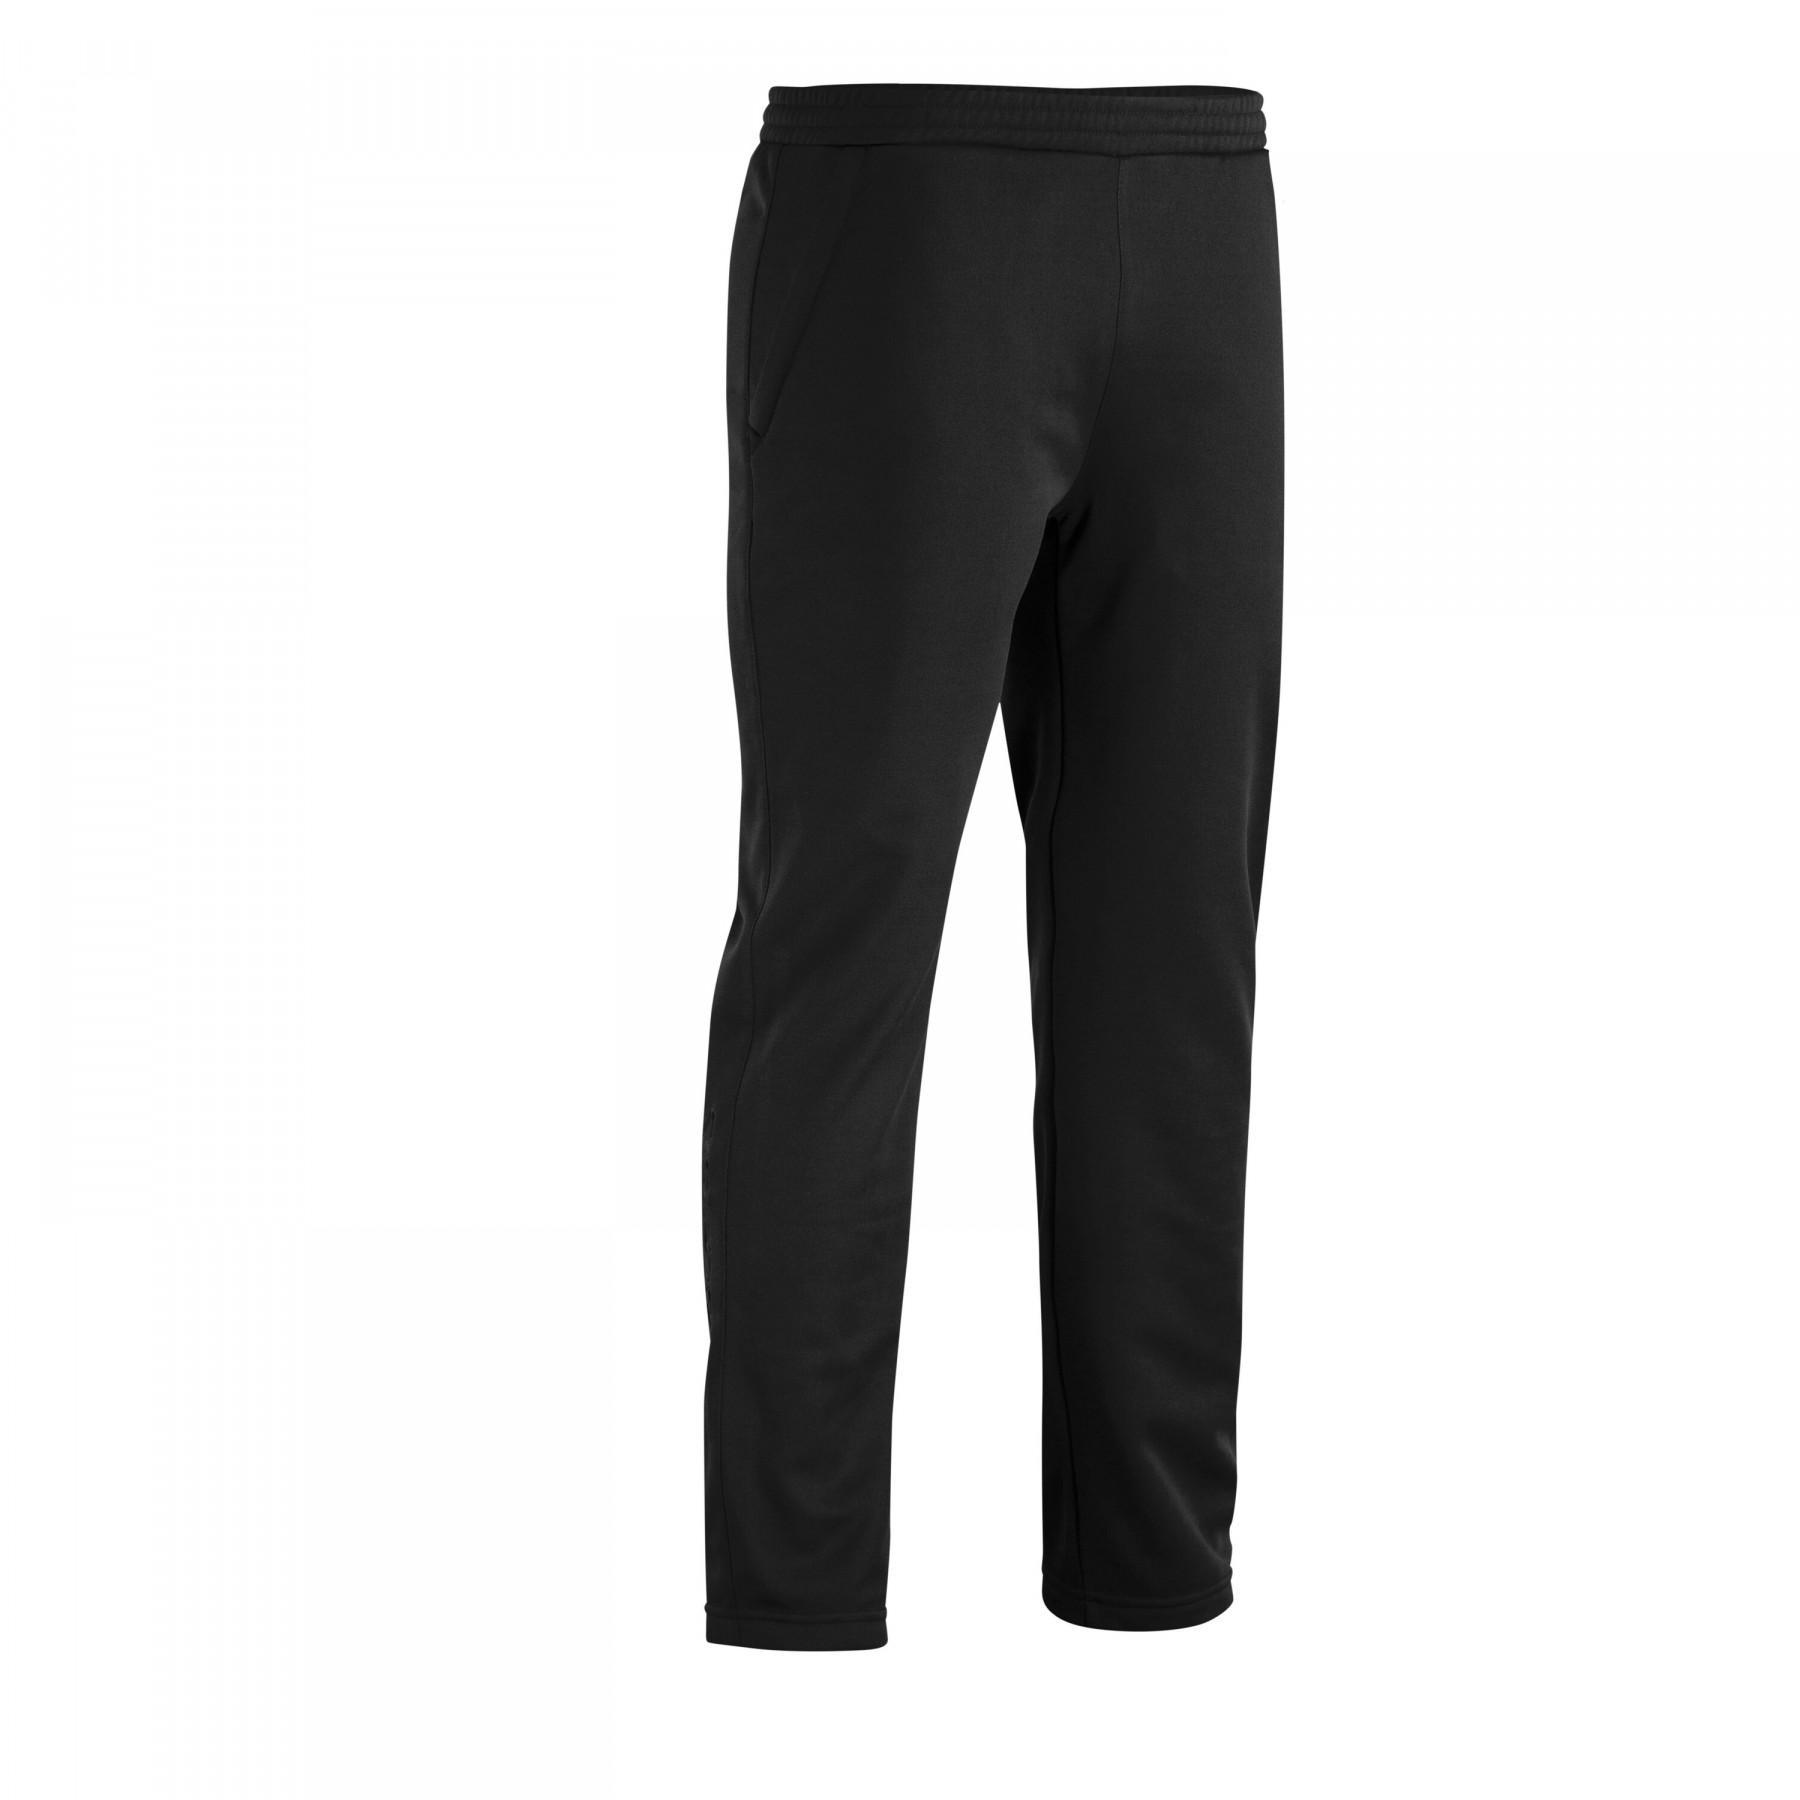 Pantalon d'entraînement Acerbis Astro